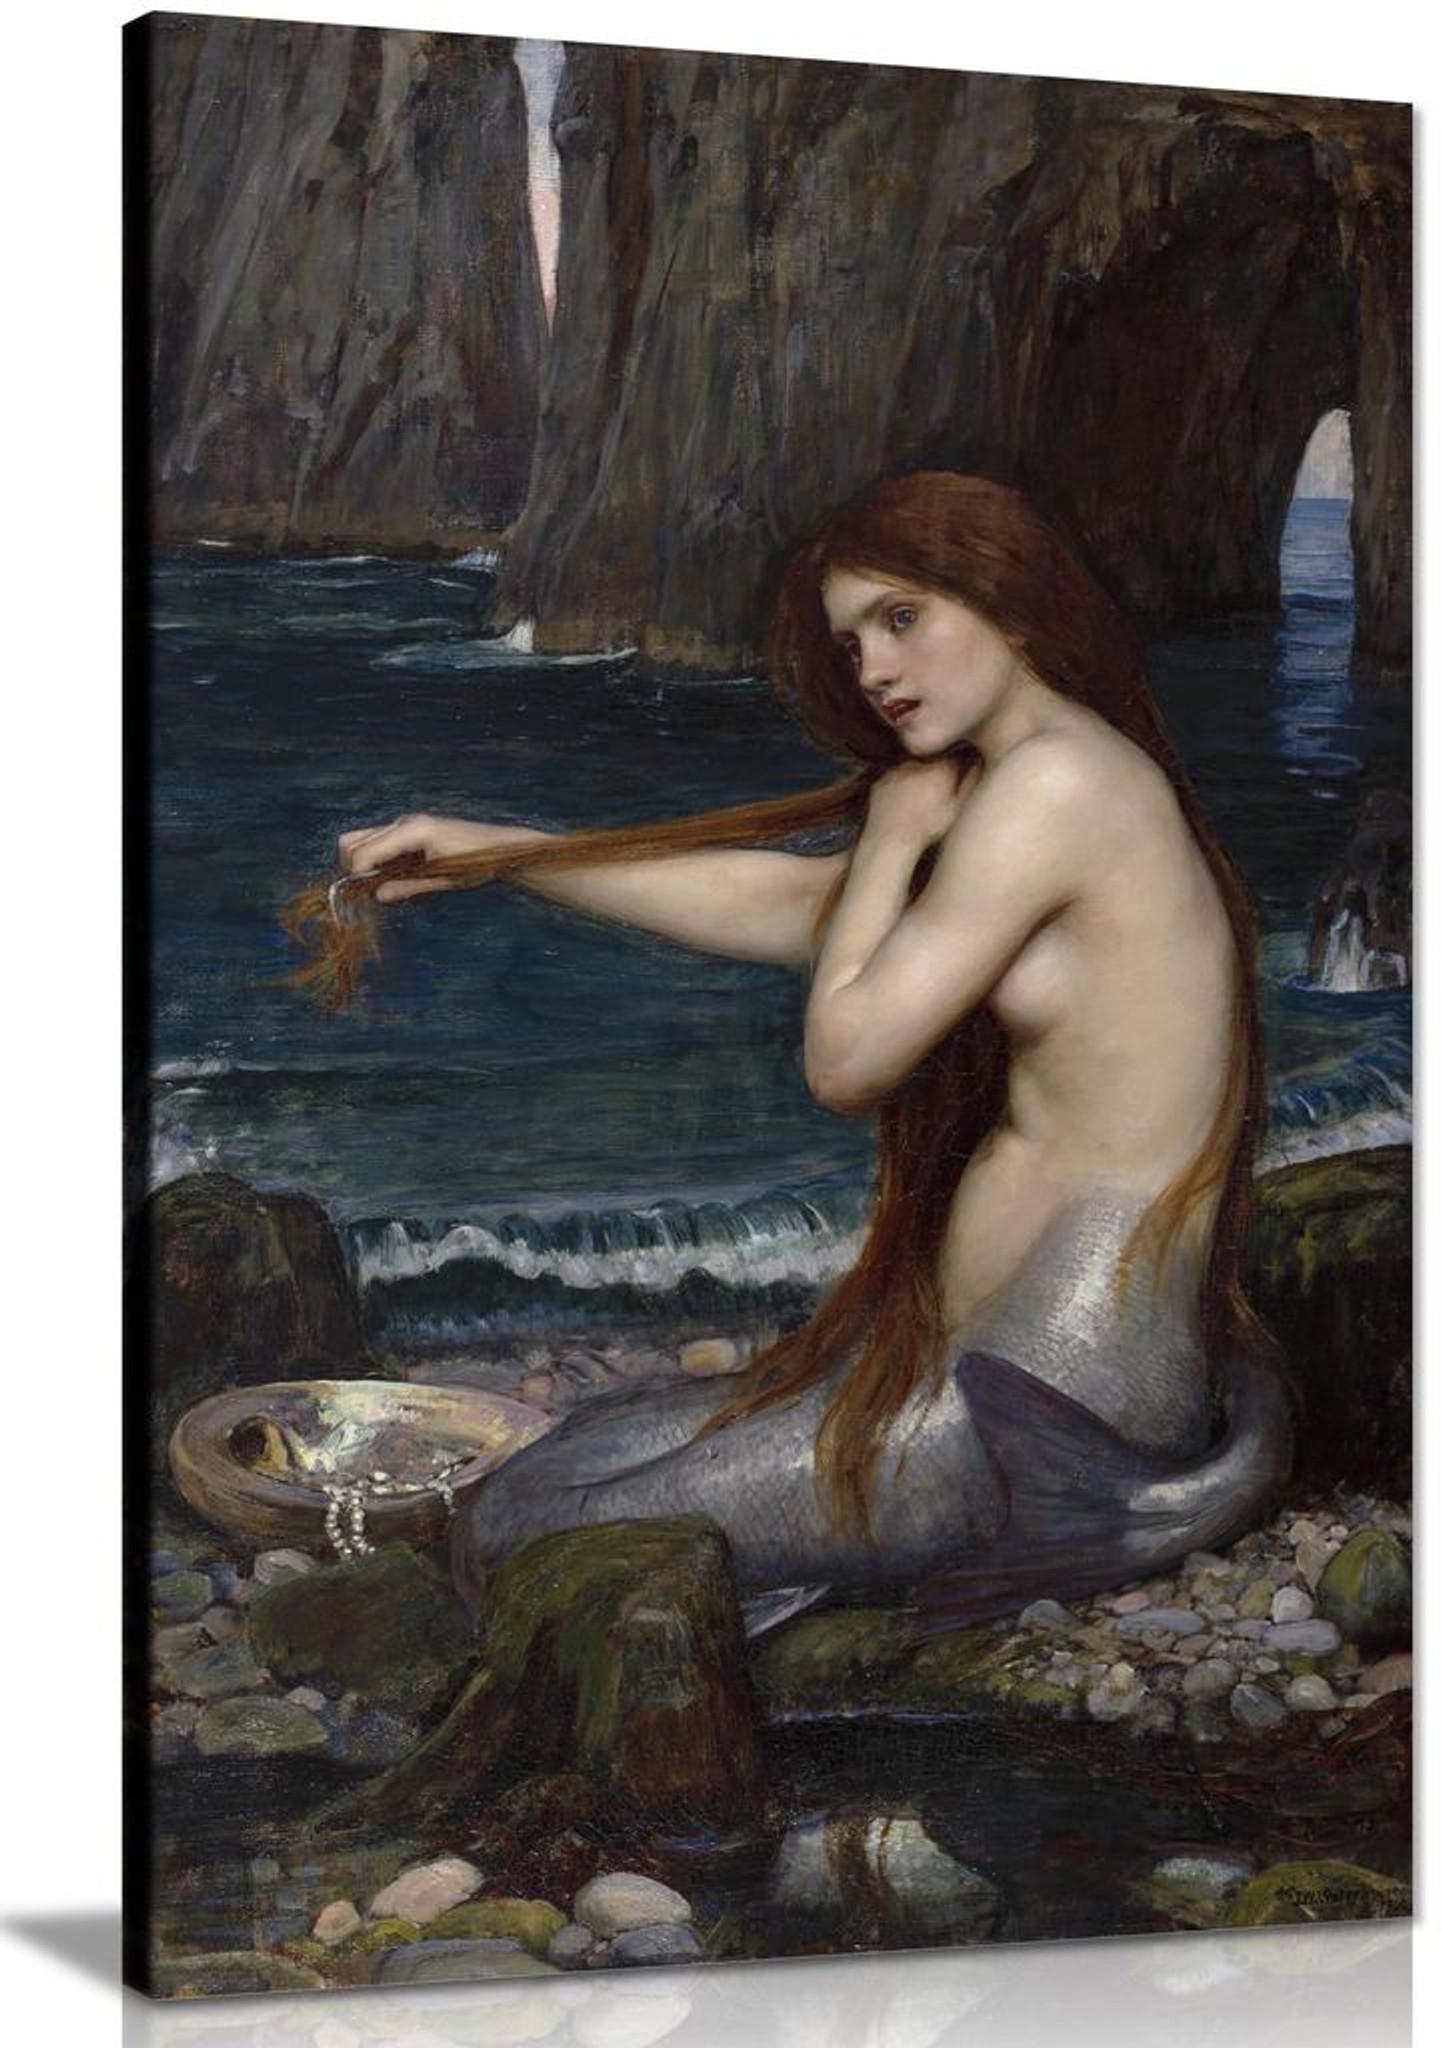 Mermaid on Rocks